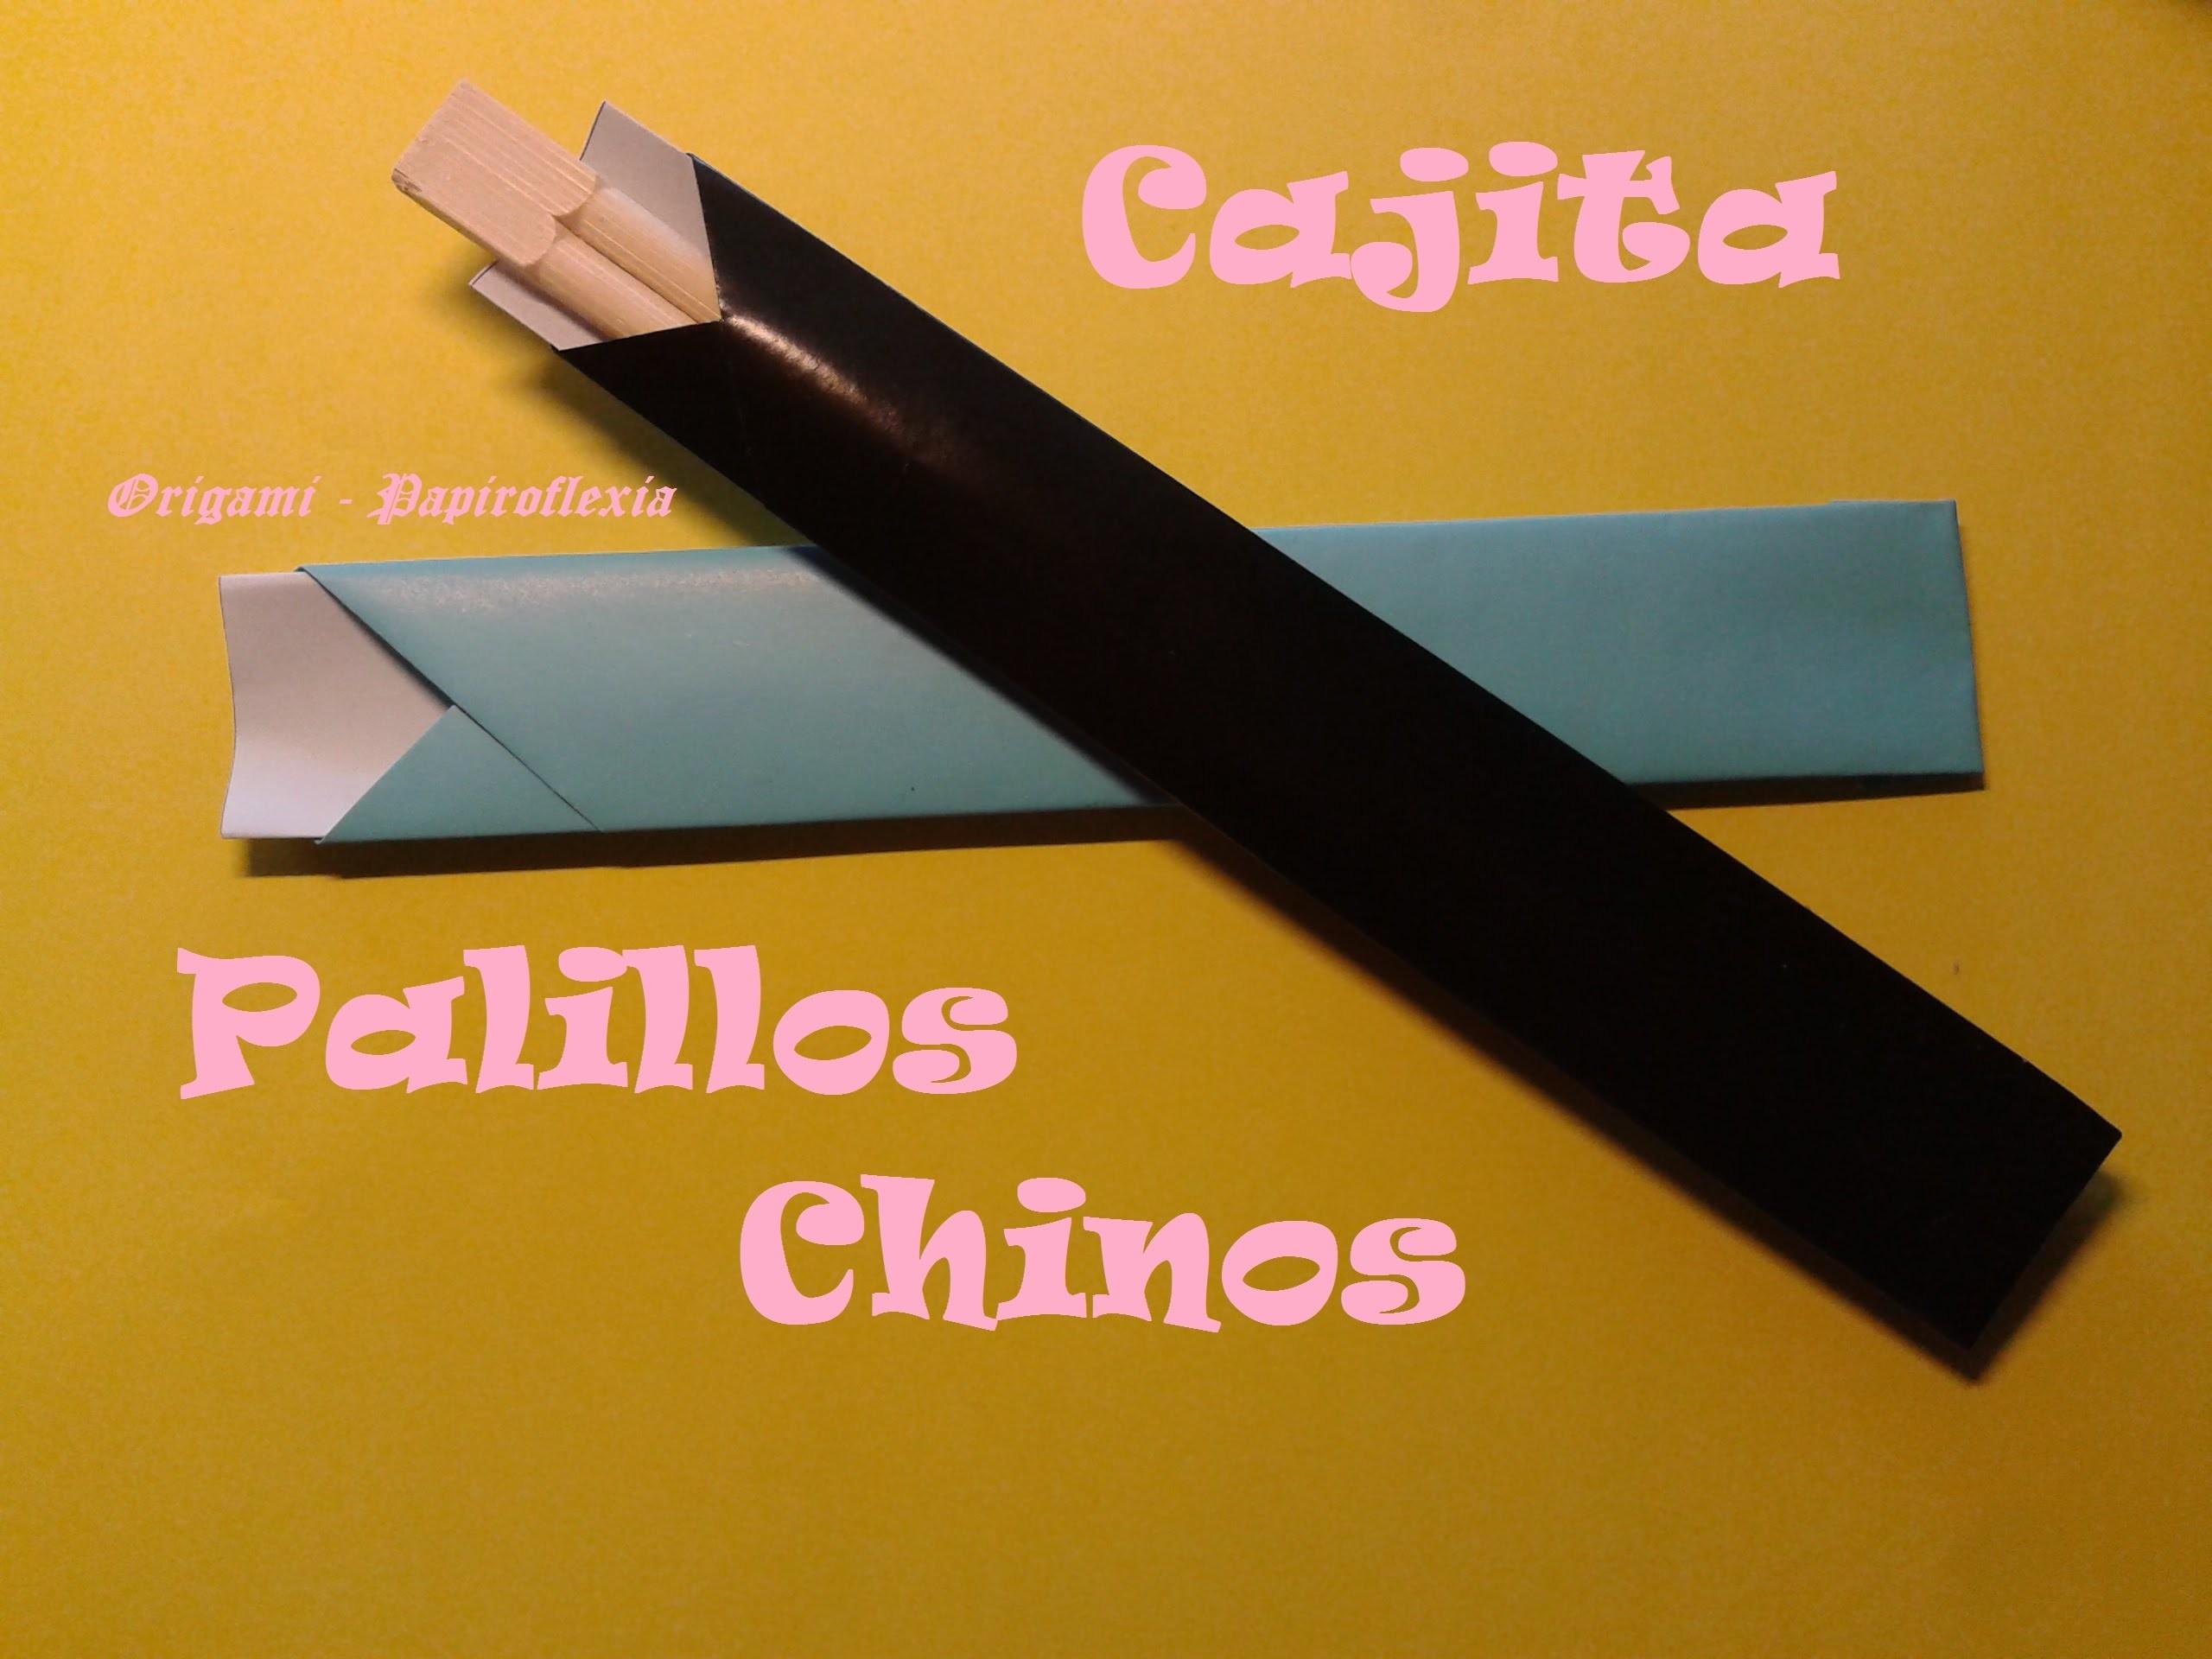 Origami - Papiroflexia. Cajita para los palillos chinos, muy rápida y fácil